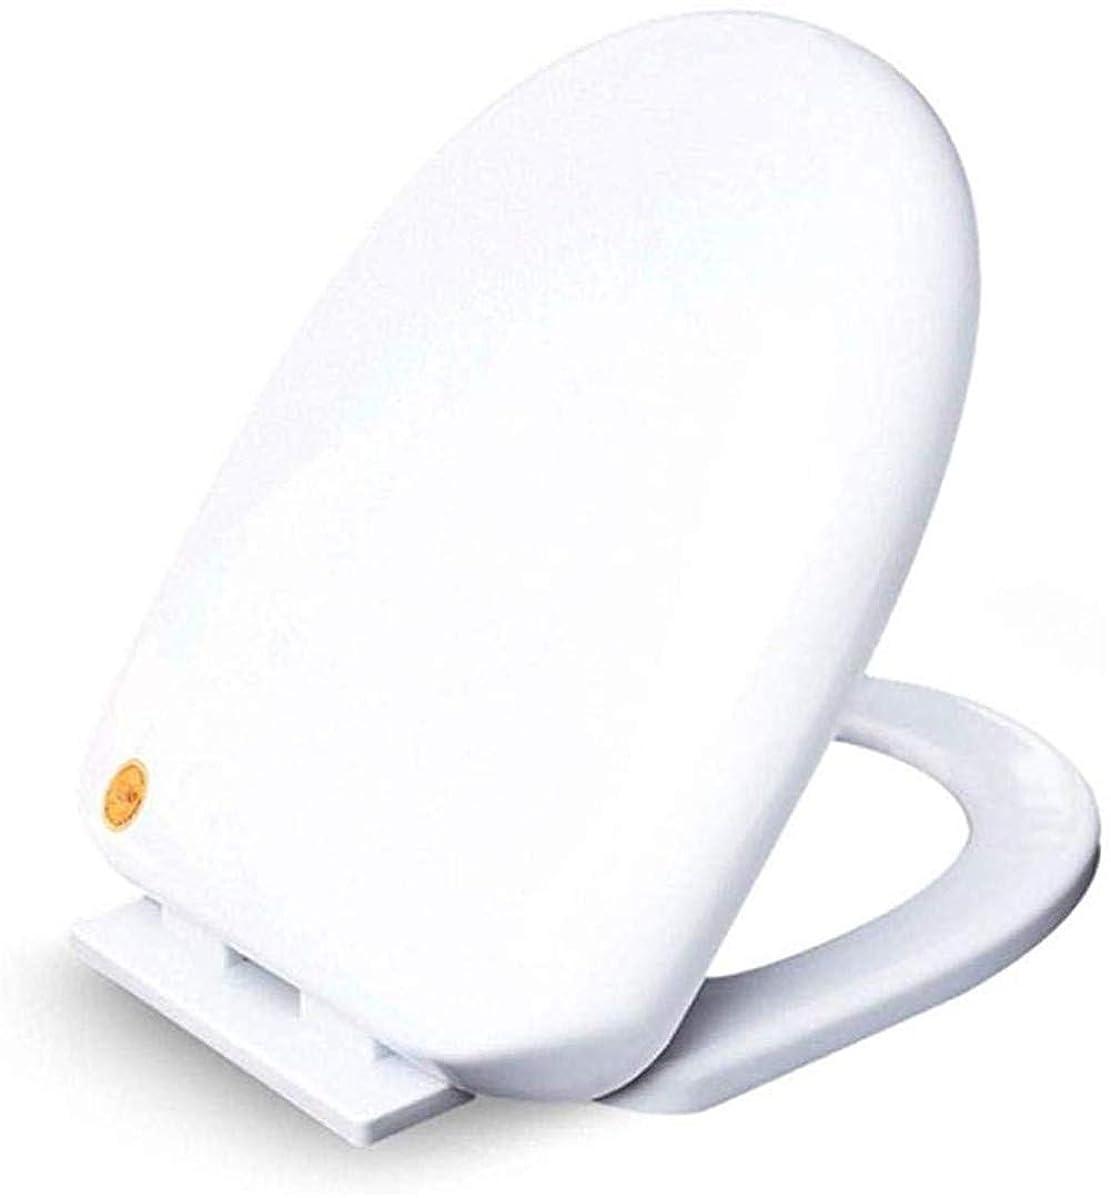 検体増幅器きらめくAndou Nk 抗菌スロー閉じるミュートウルトラ耐性底部と便座U形状のユニバーサルトイレ蓋はバスルーム、洗面所、白のためにトイレシートカバーをマウント